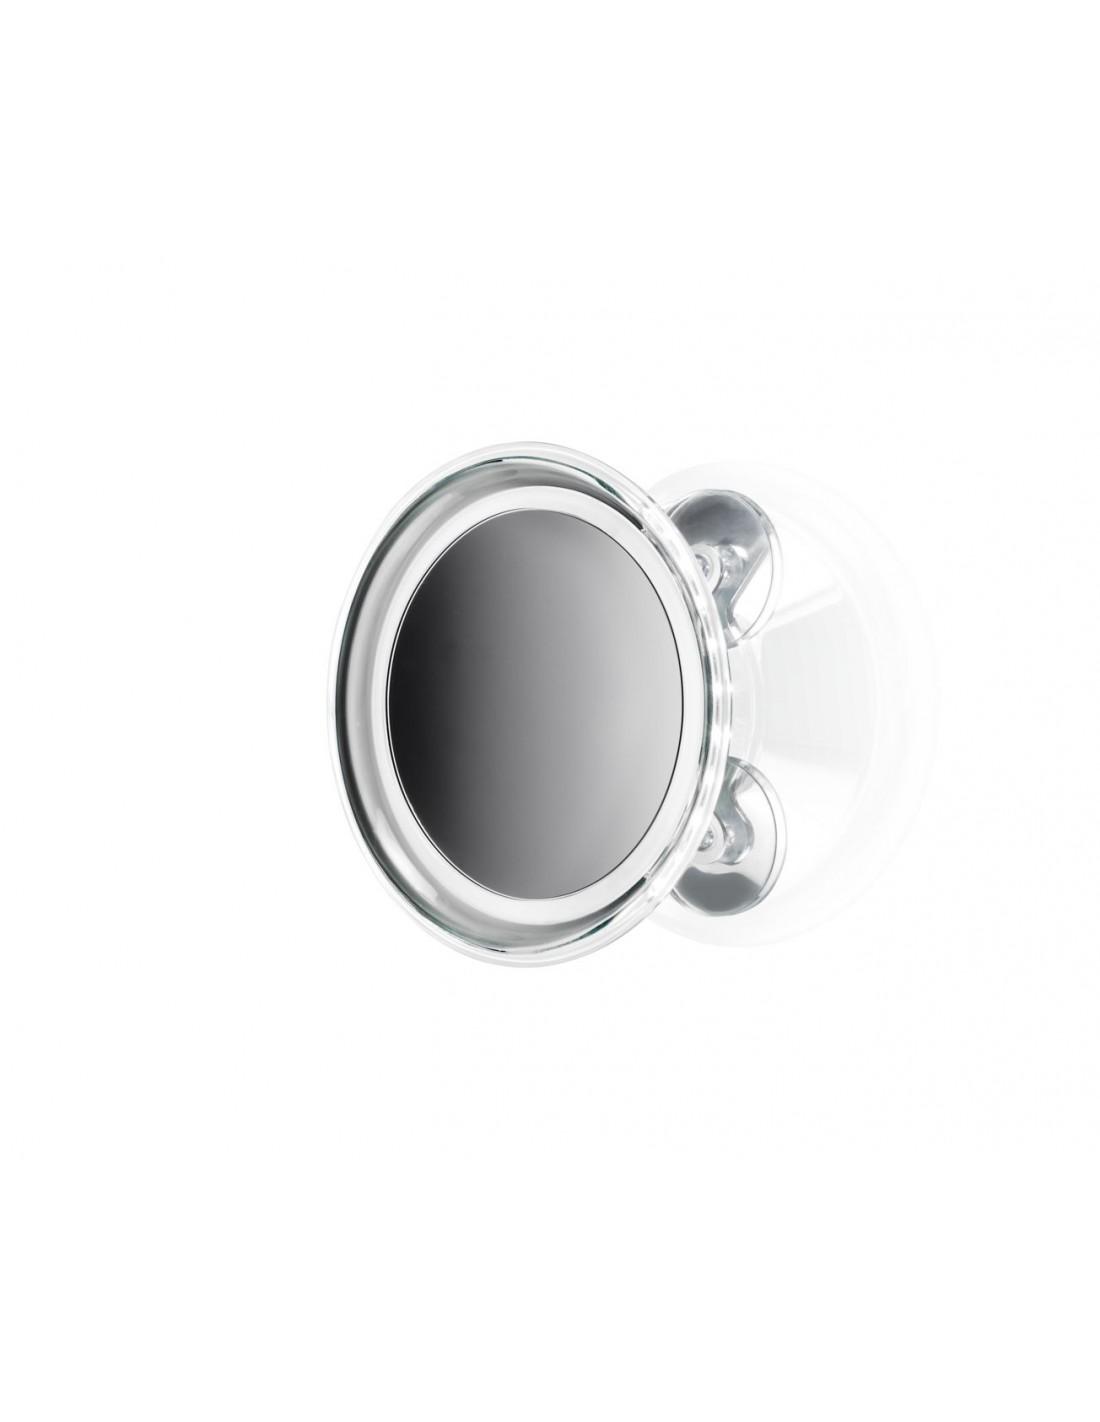 Miroir rond grossissant éclairant avec ventouses BS 18 TOUCH - Décor Walther - Valente Design